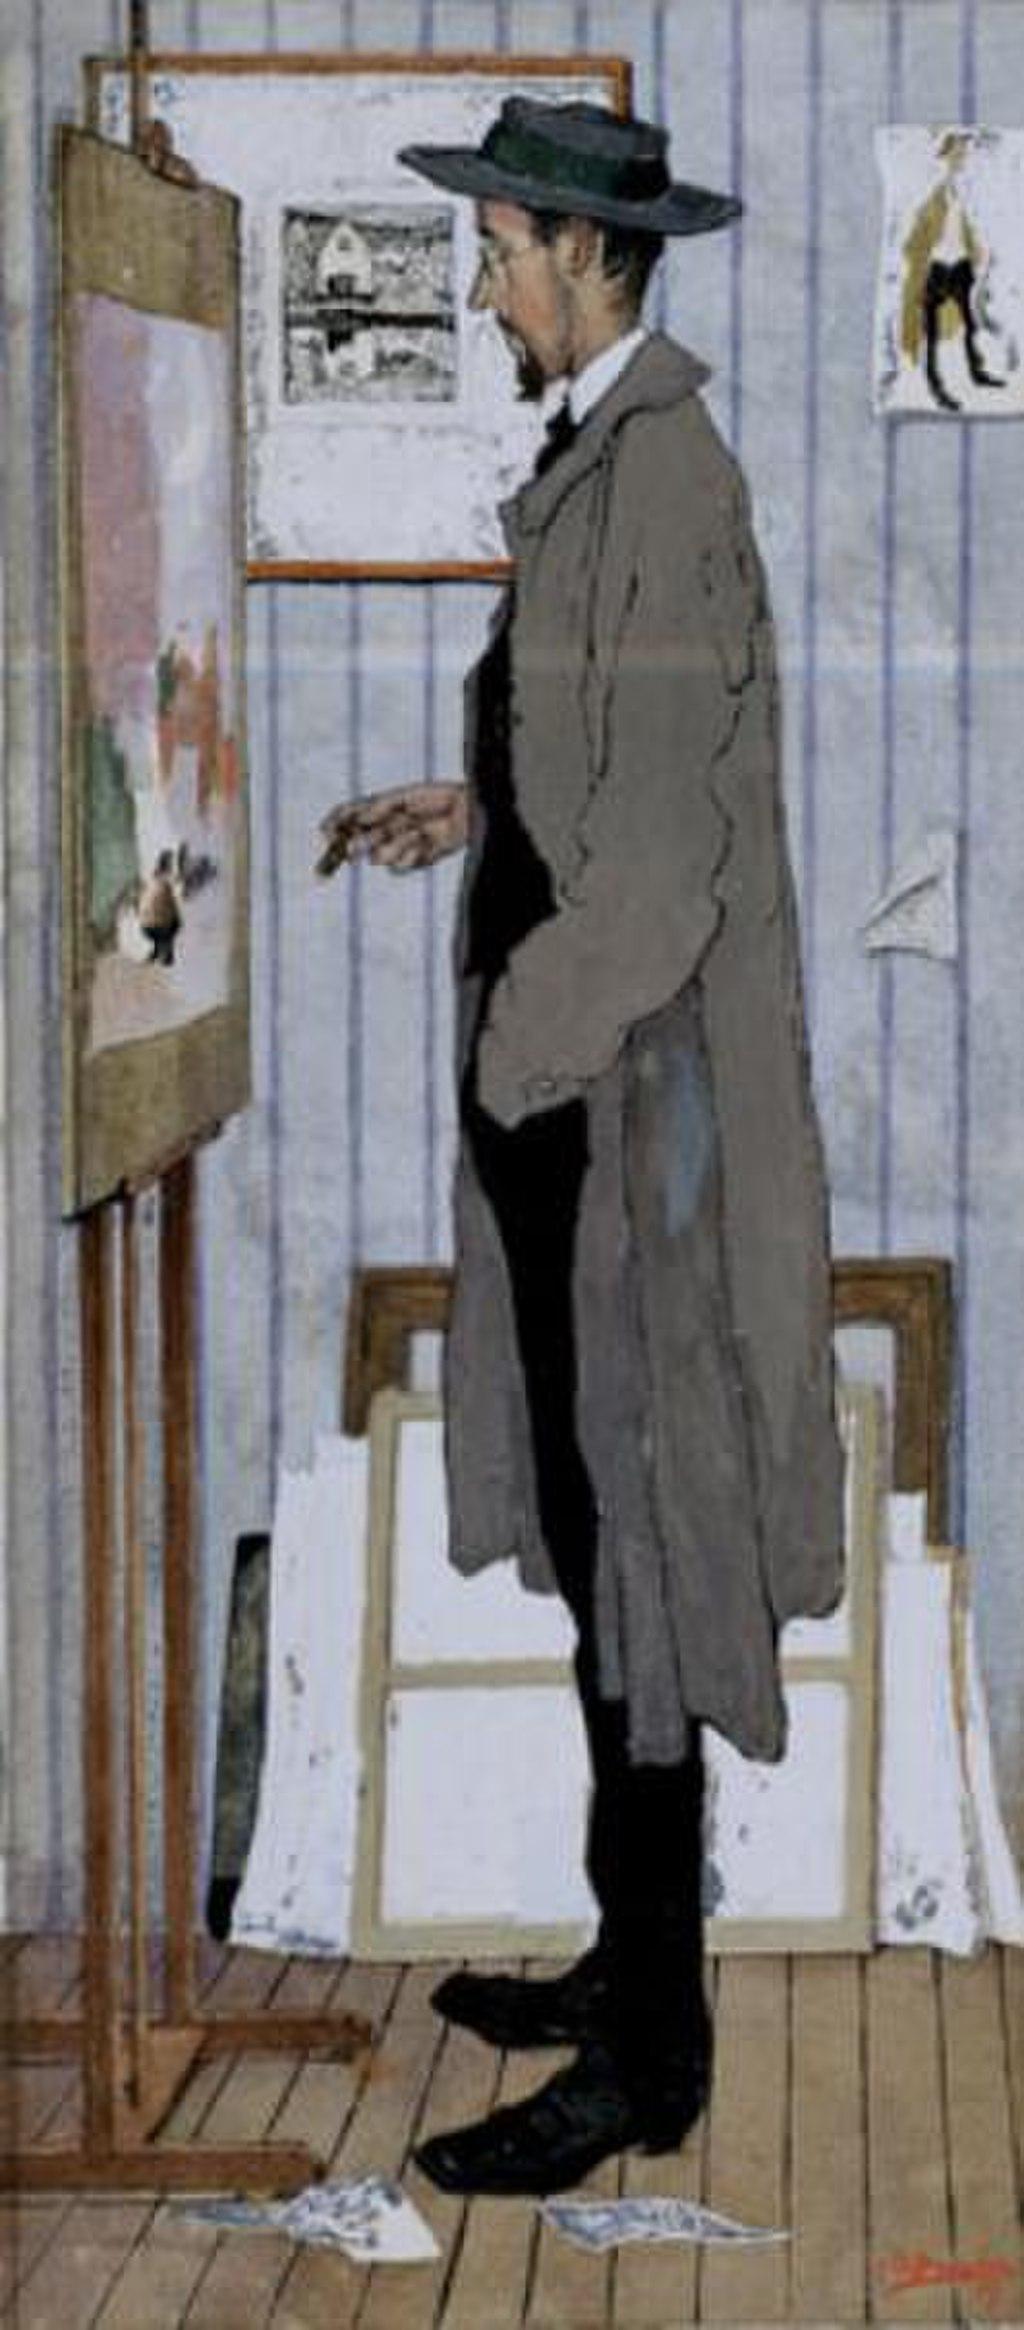 Jules De Bruycker - Frans Masereel in his studio